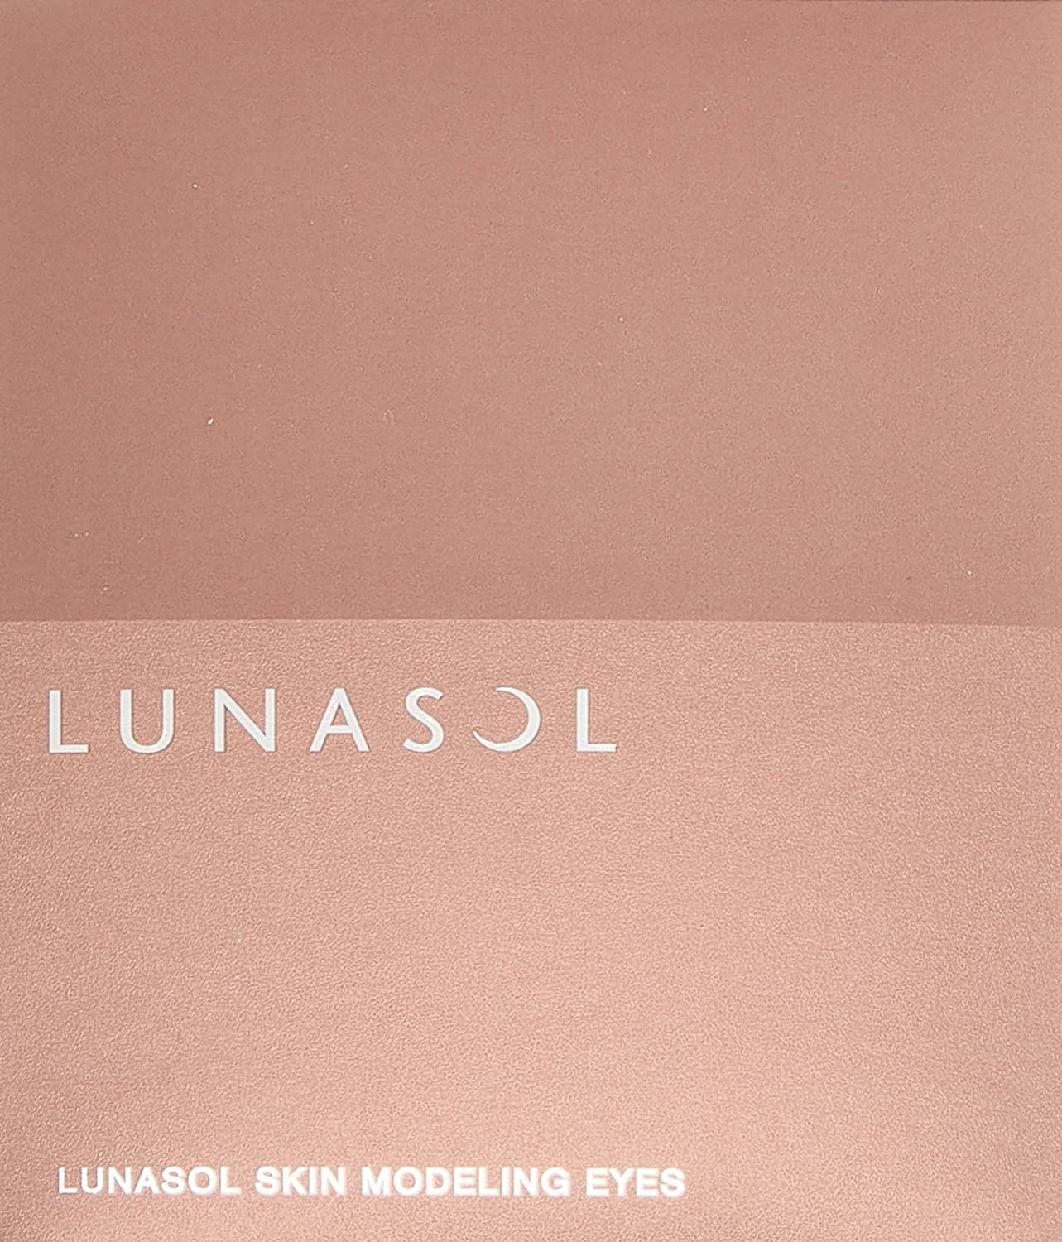 LUNASOL(ルナソル) スキンモデリングアイズの商品画像8